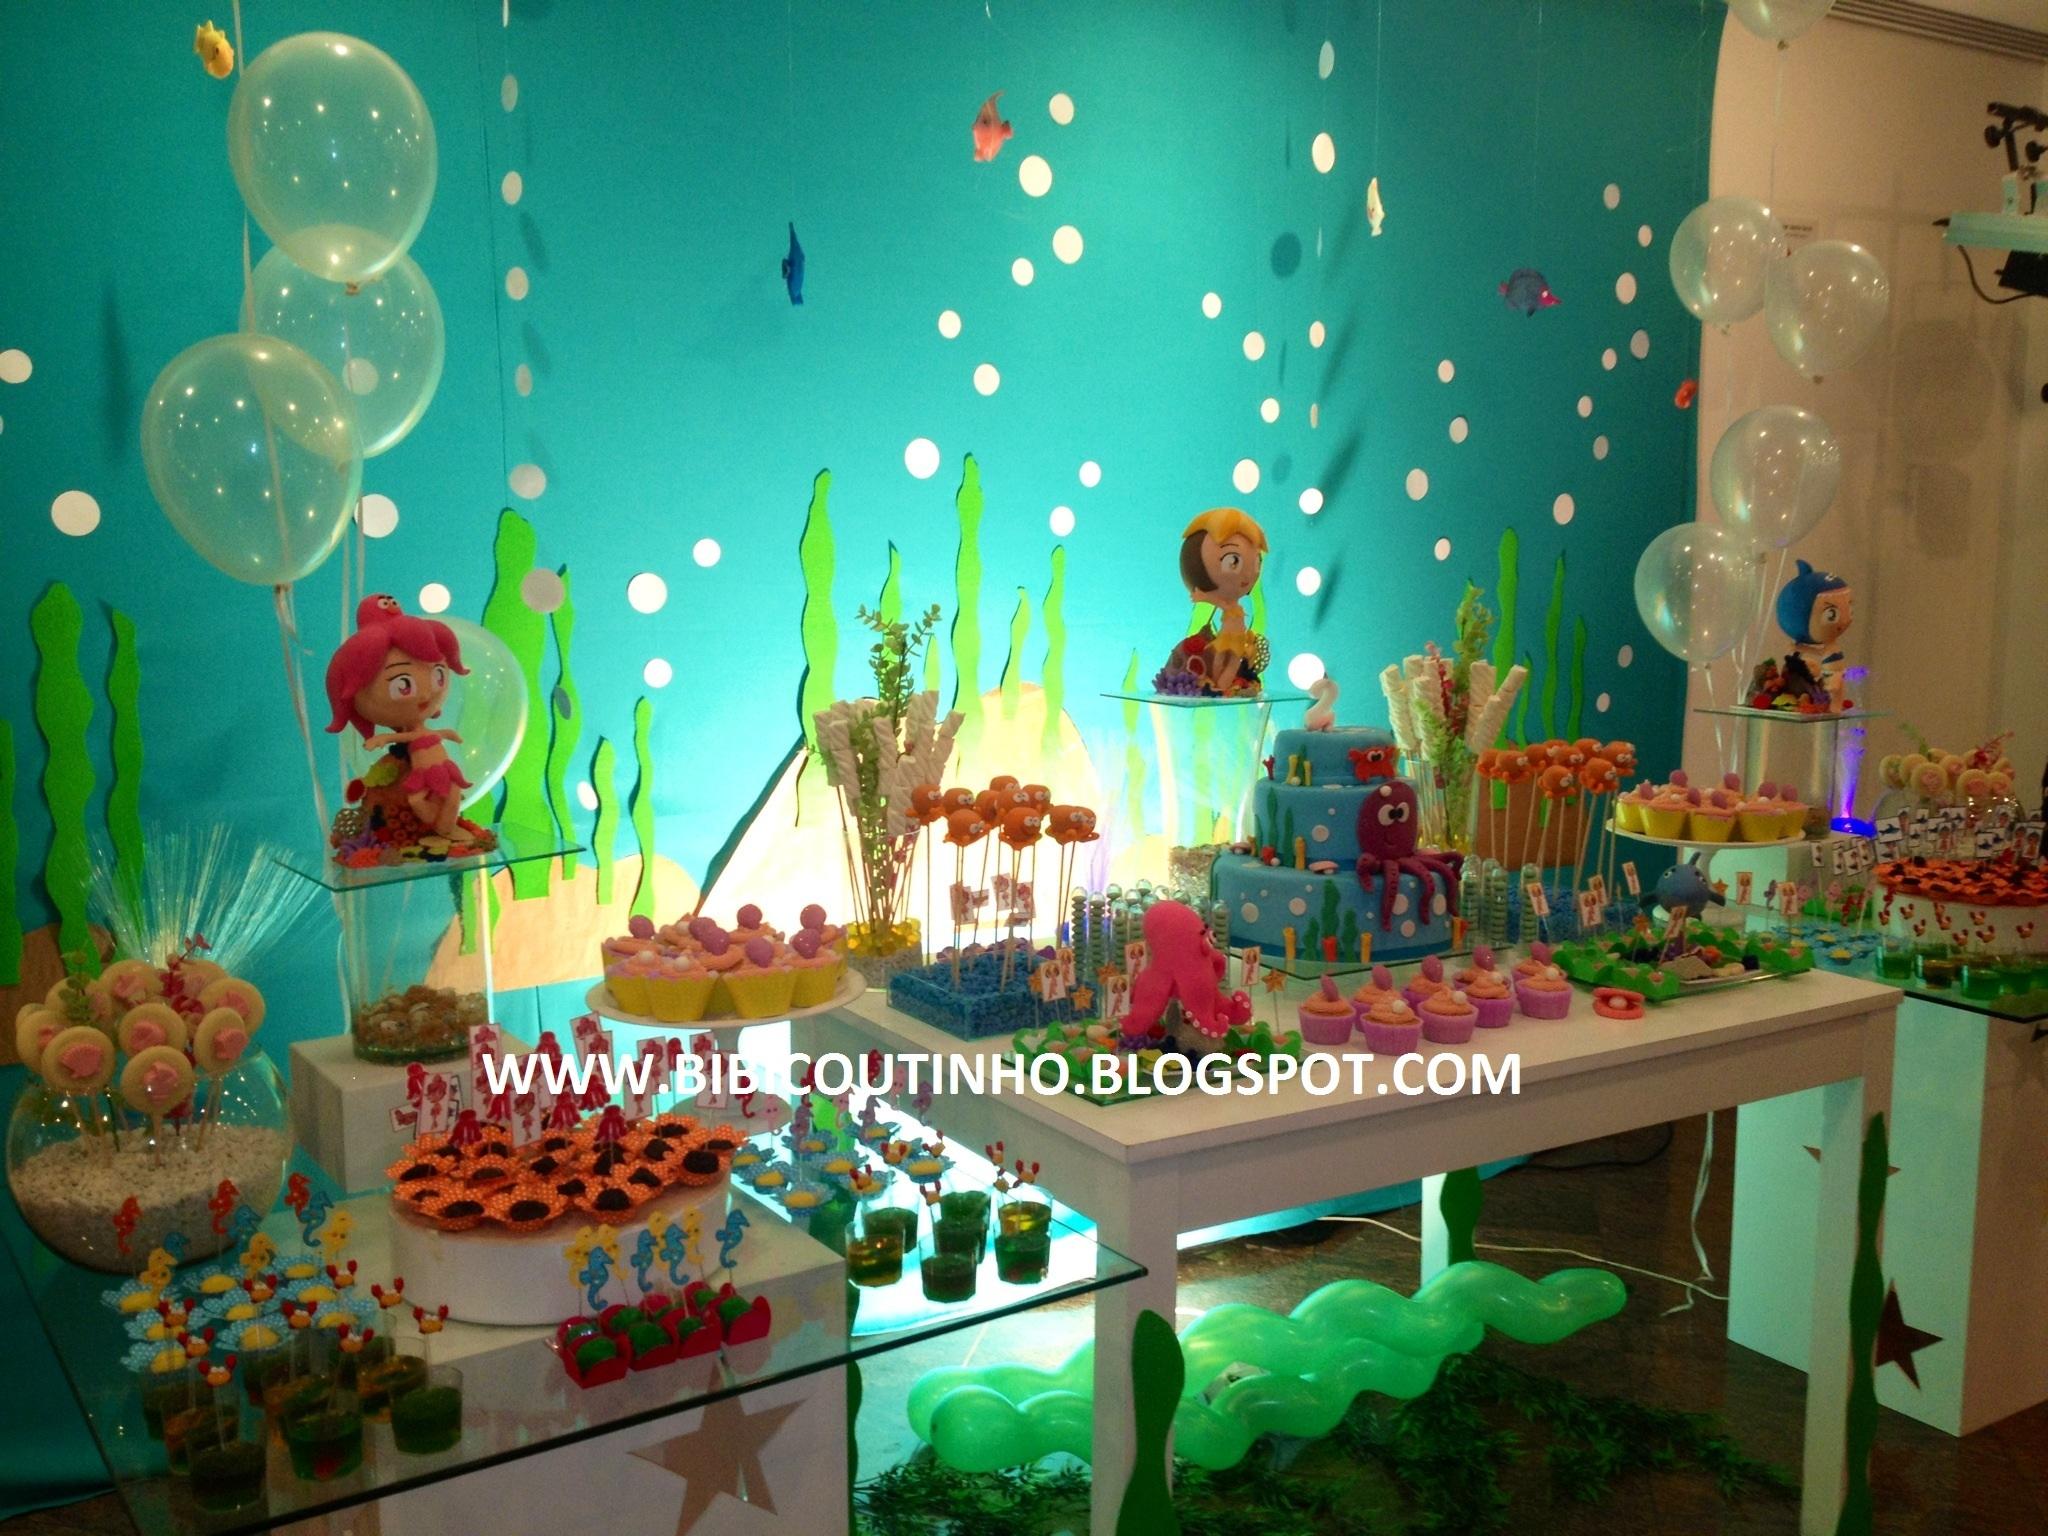 Decora??o Festa Princesa Algod?o Doce Festas e Artes ...